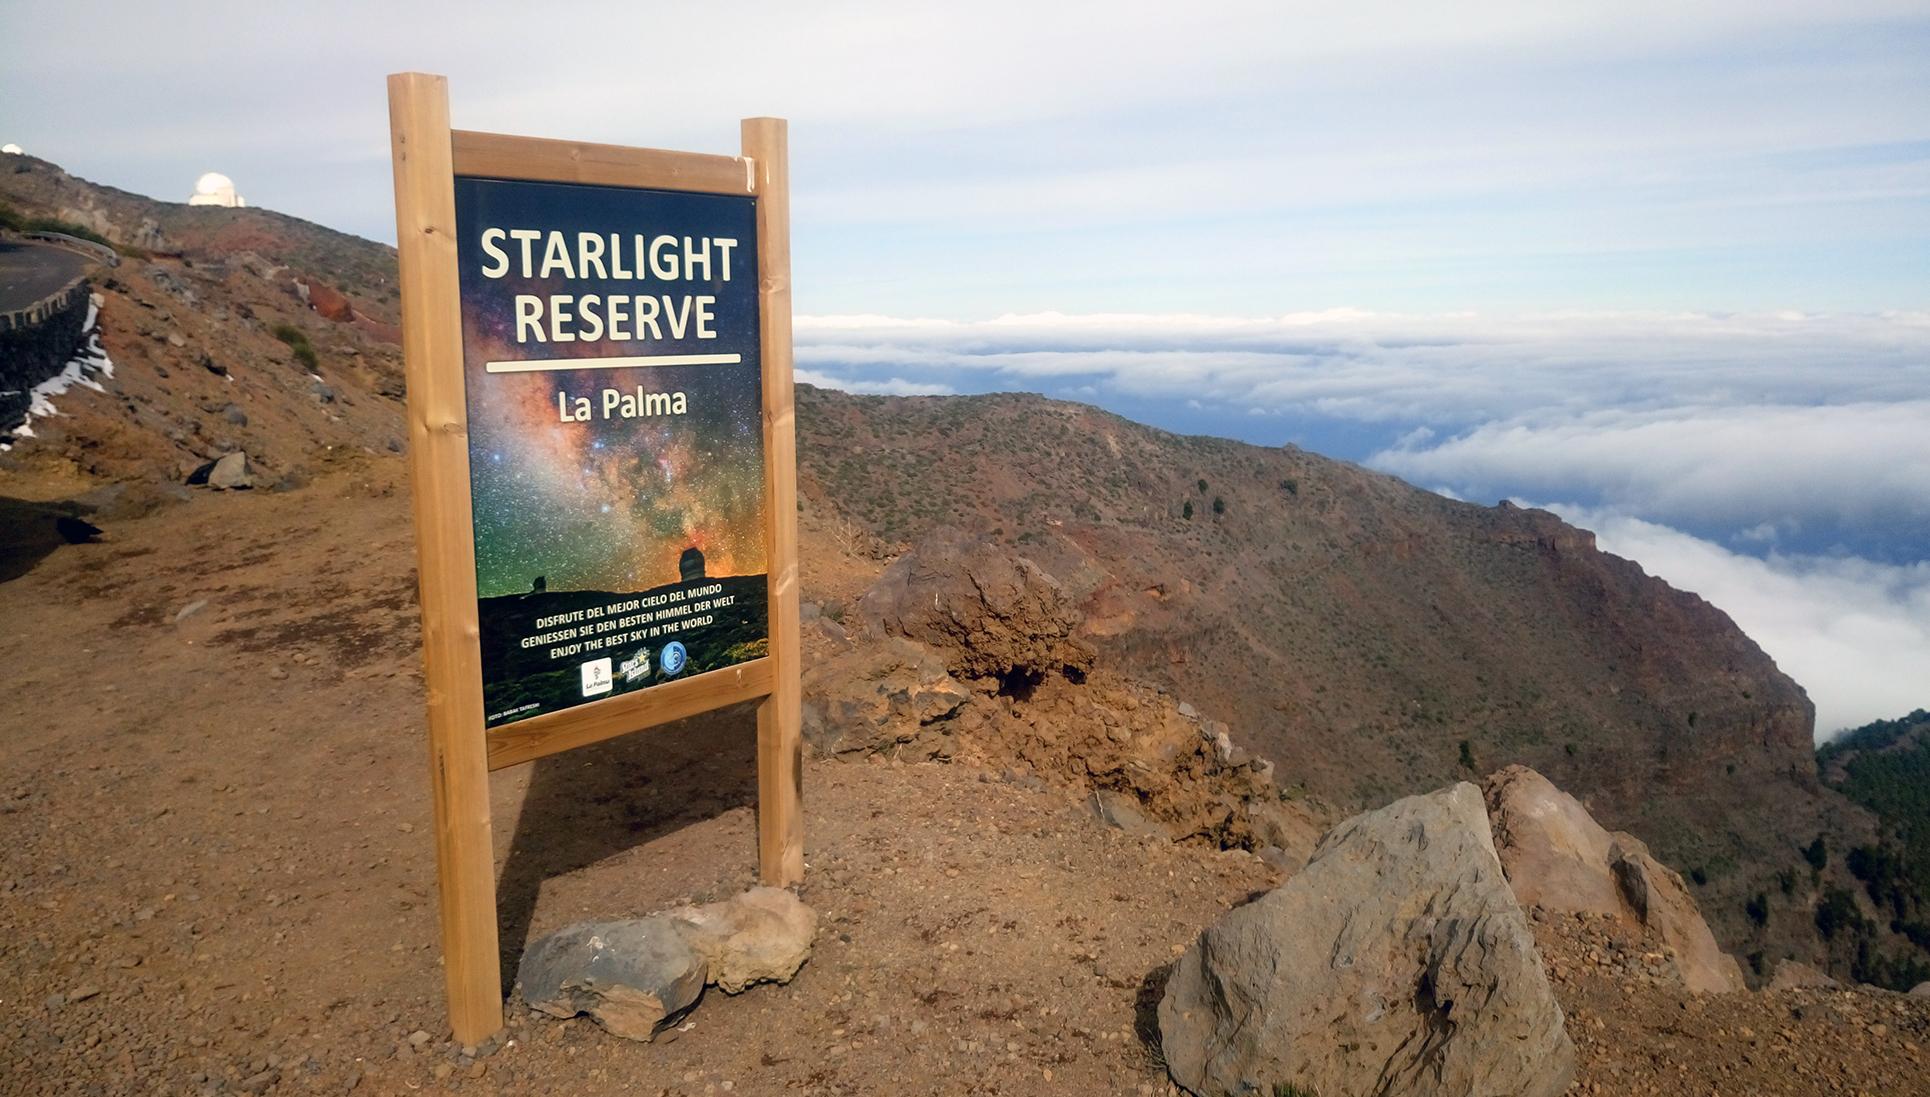 Astroturismo La Palma Isole Canarie reserva-starlight